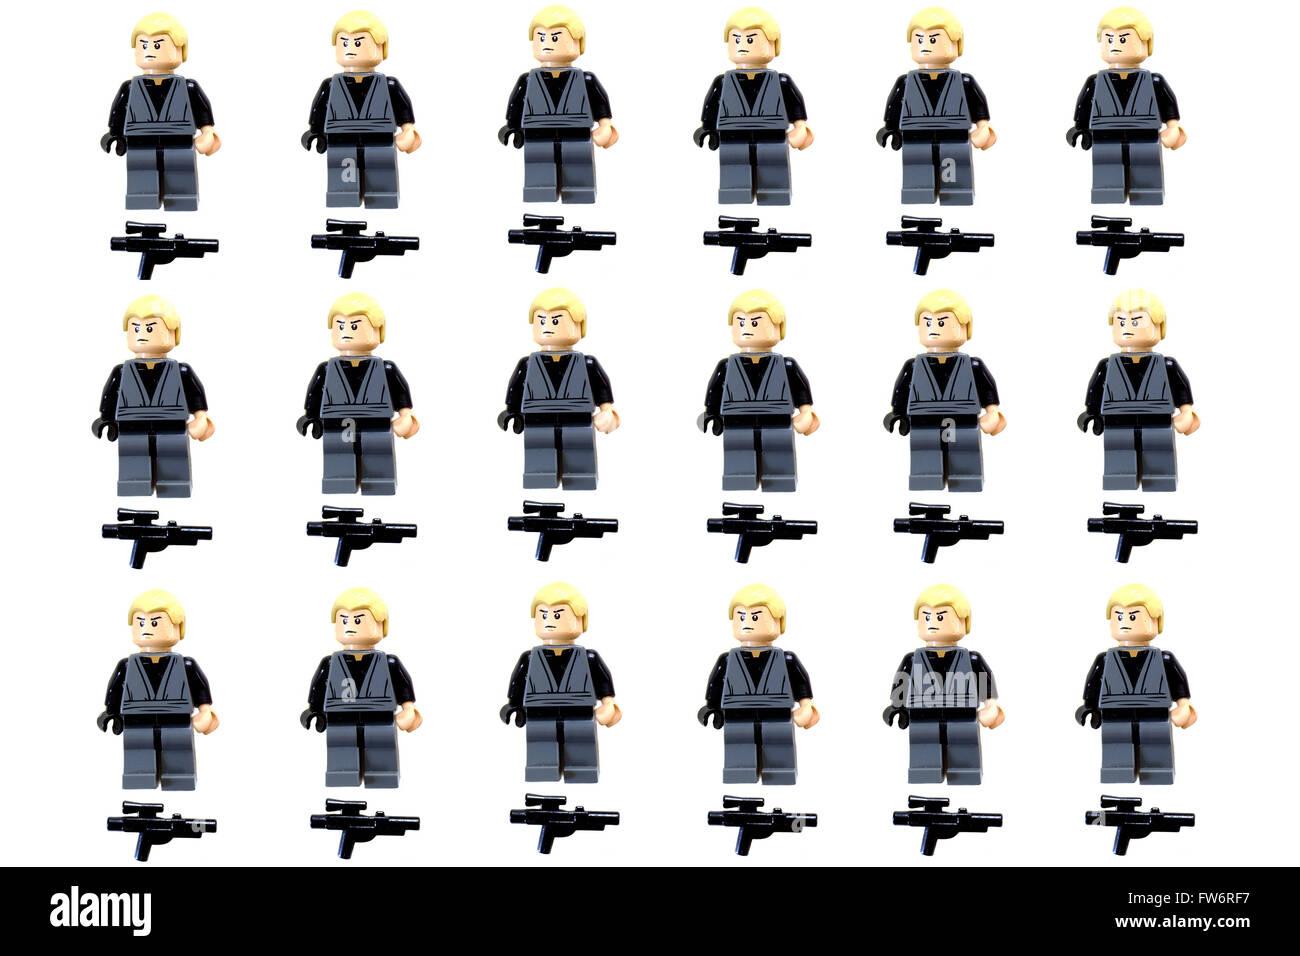 A Grid Of Lego Star Wars Luke Skywalker Figures Photographed Against